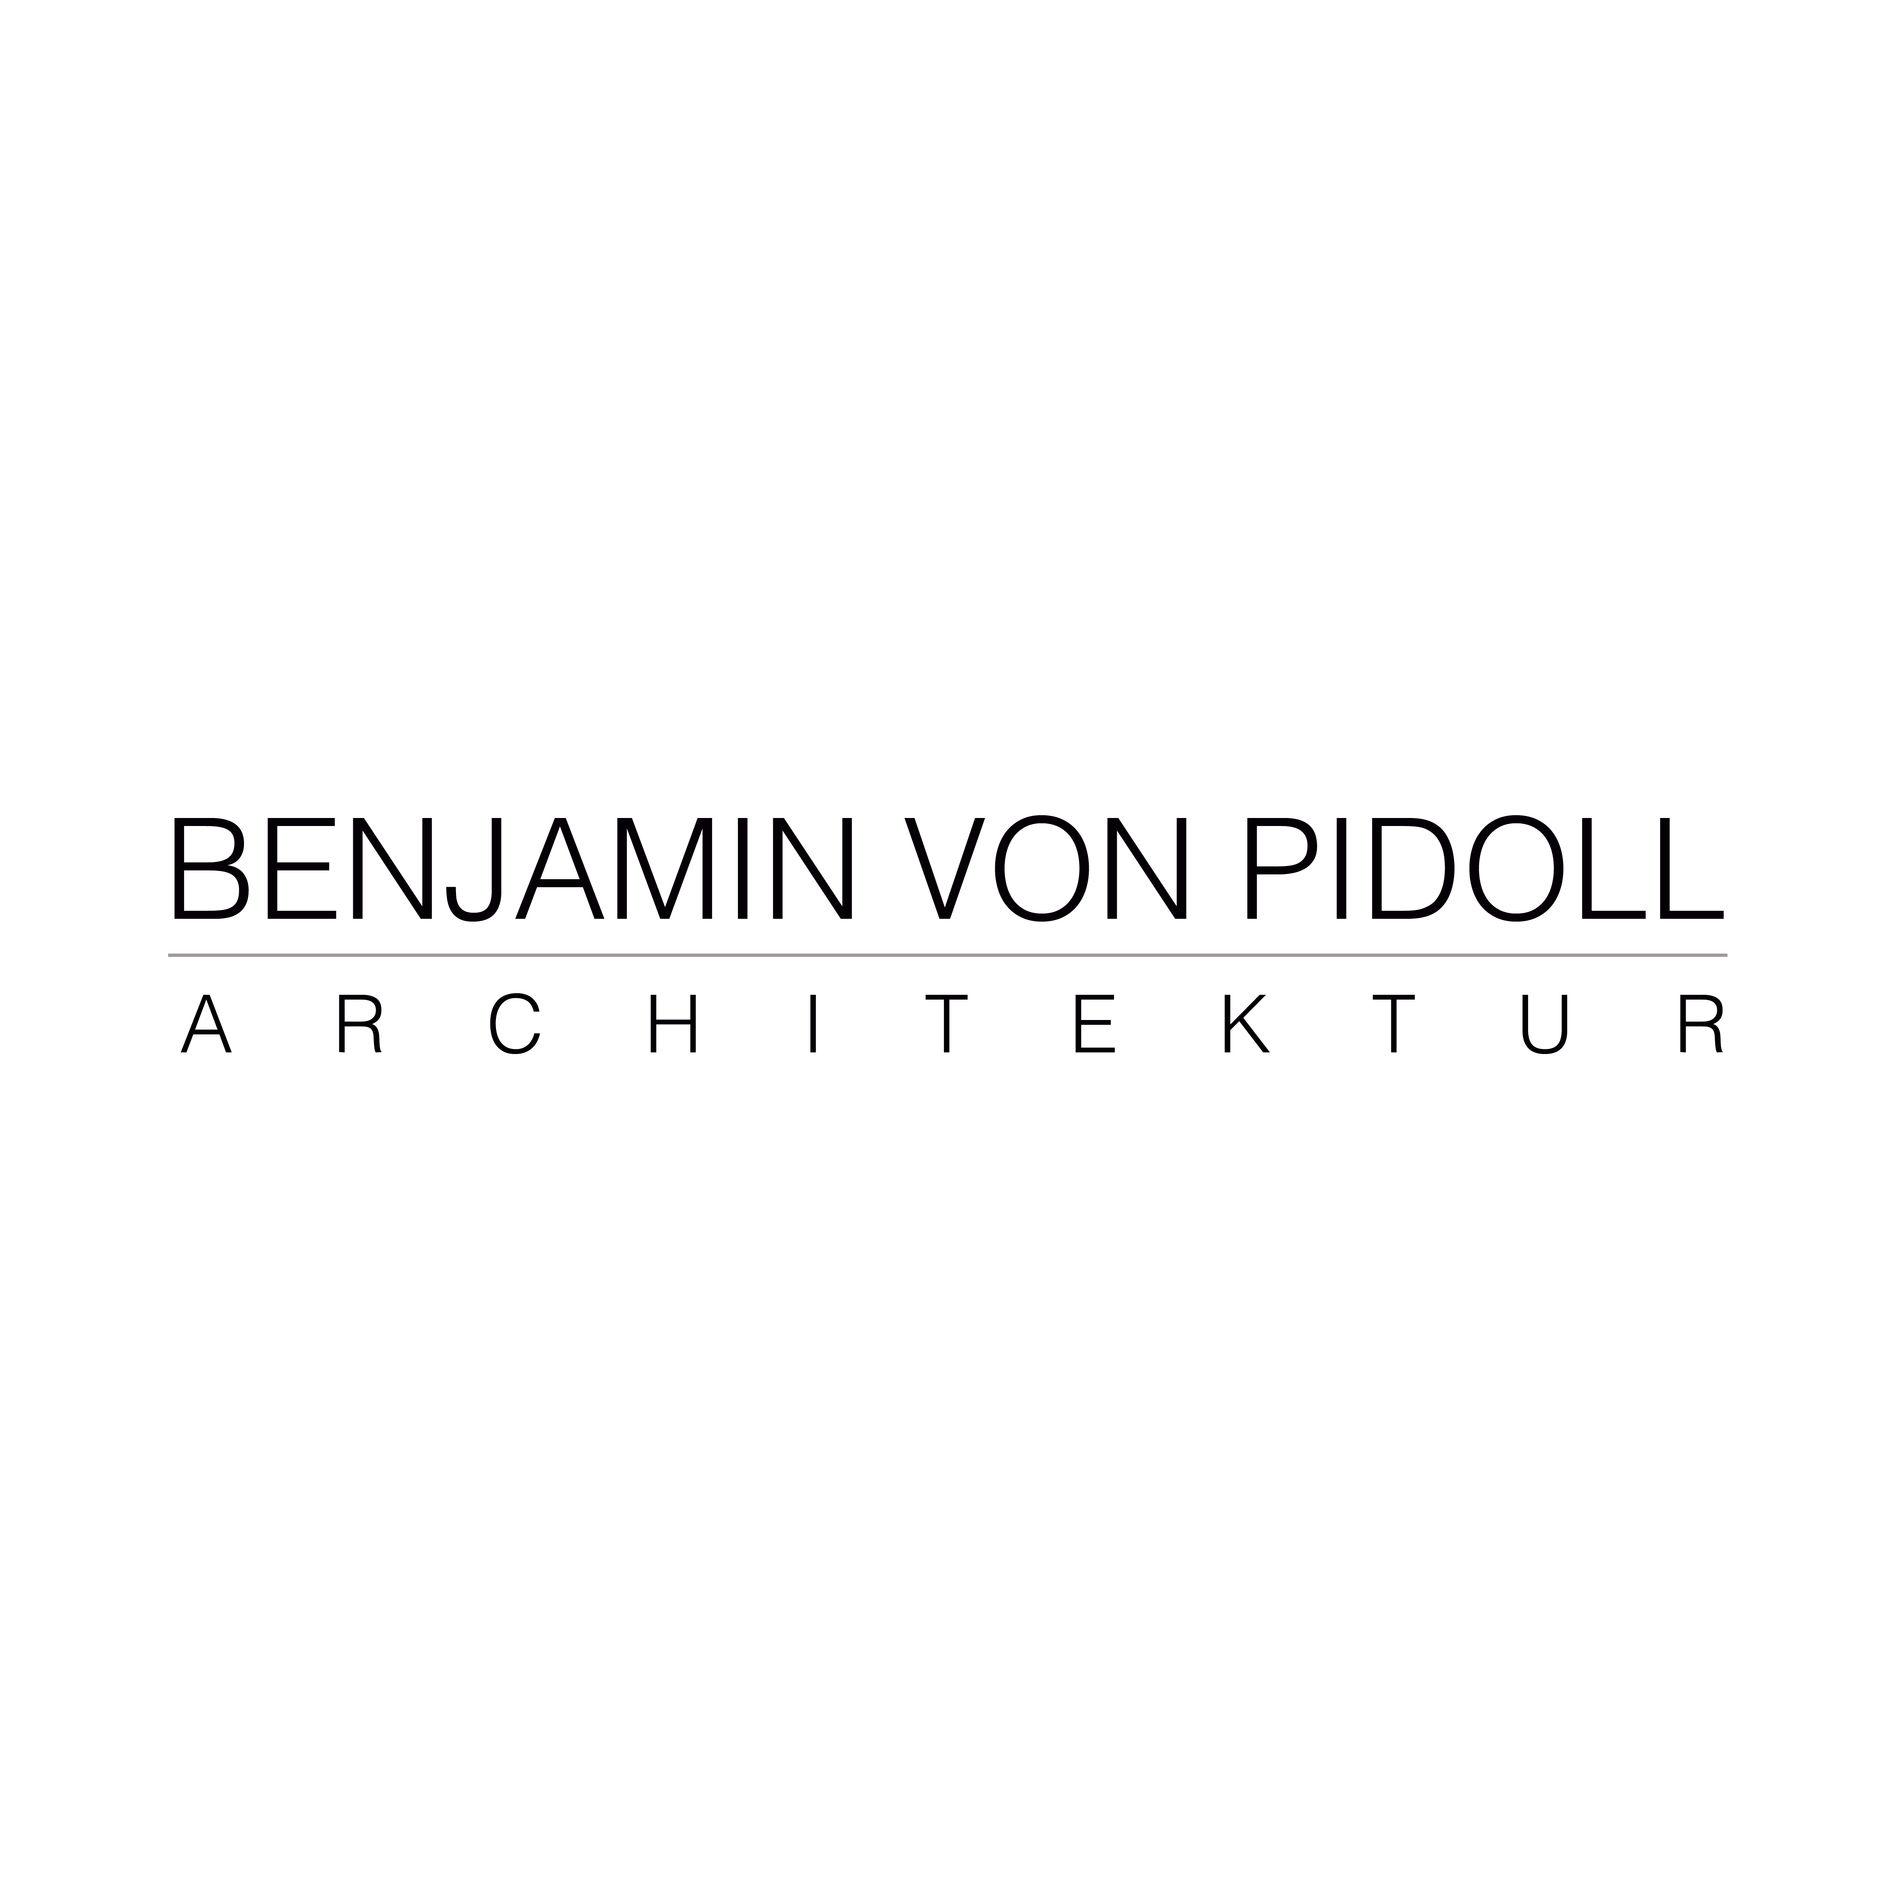 BENJAMIN VON PIDOLL I ARCHITEKTUR